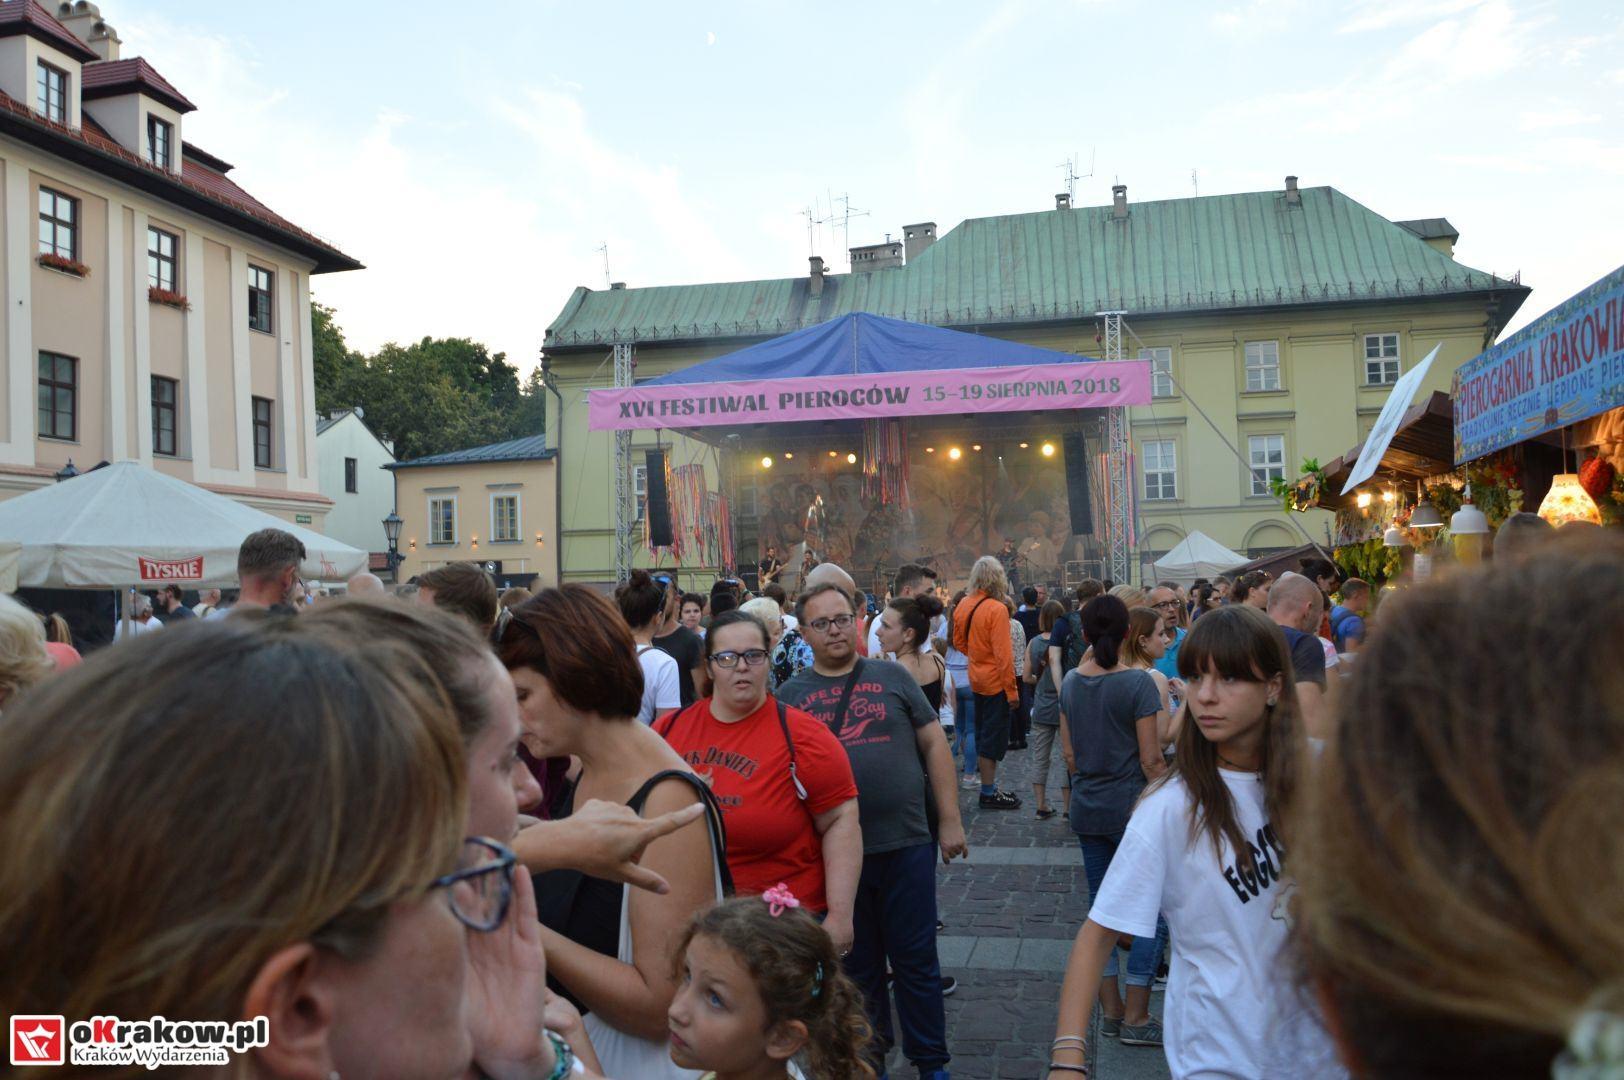 krakow festiwal pierogow maly rynek koncert cheap tobacco 137 150x150 - Galeria zdjęć Festiwal Pierogów Kraków 2018 + zdjęcia z koncertu Cheap Tobacco